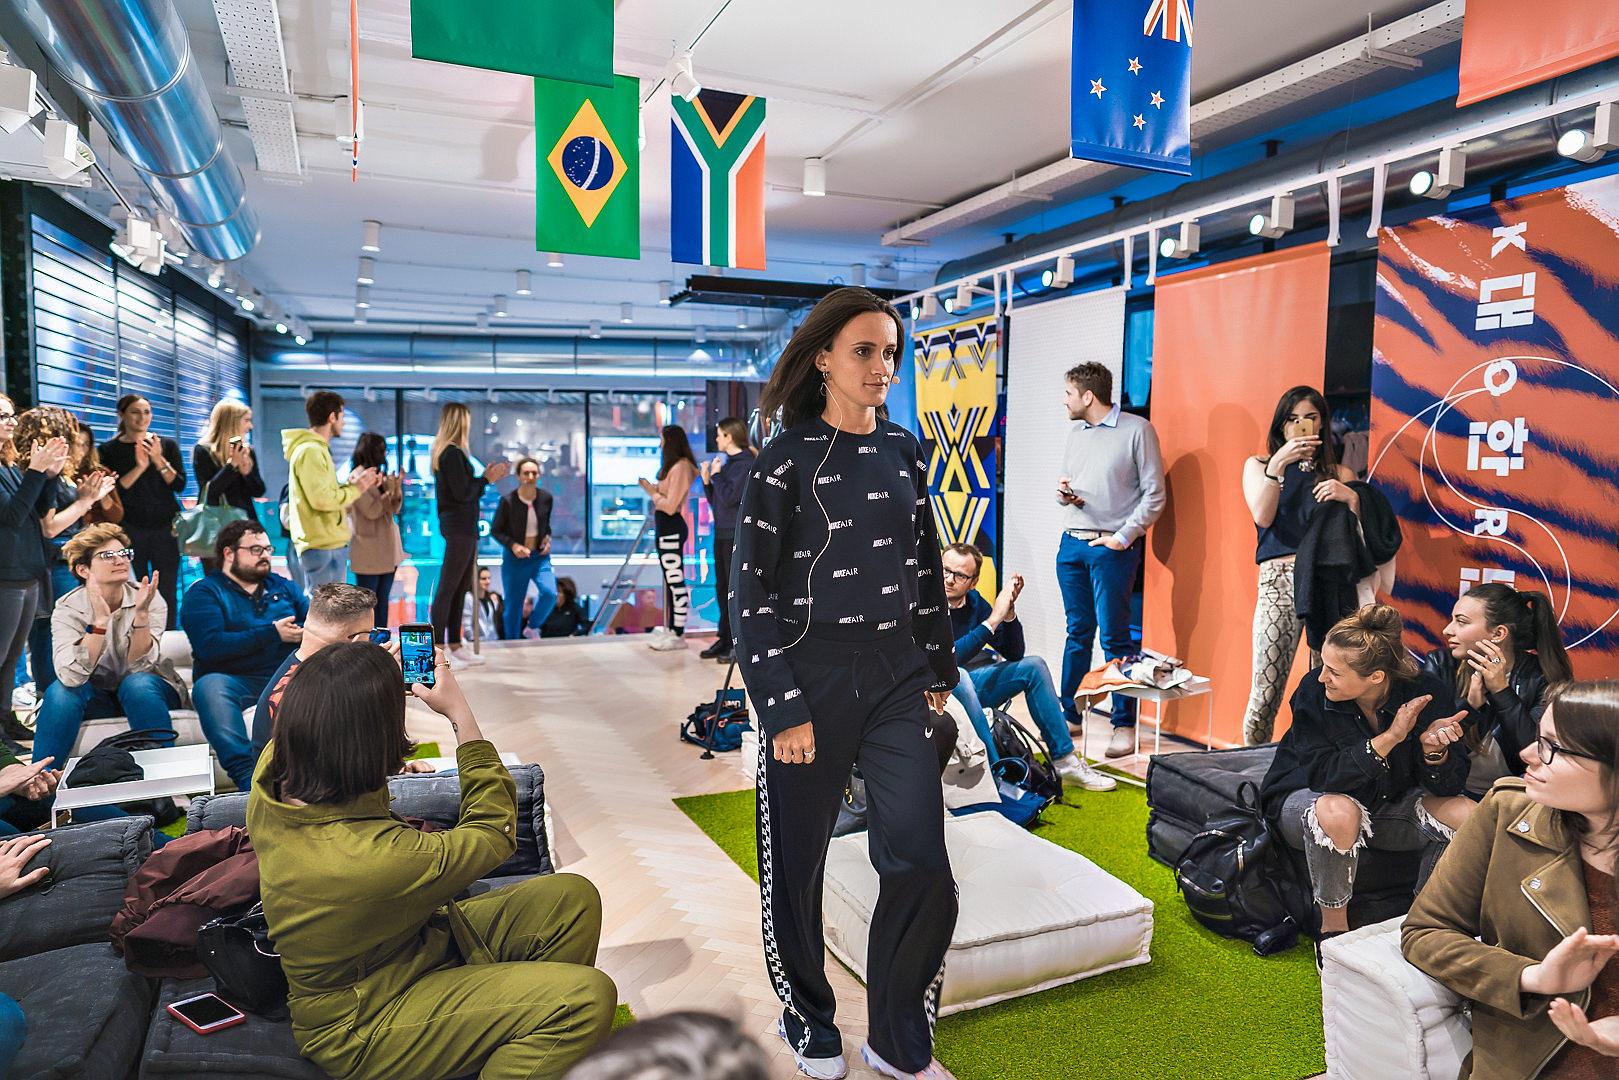 2019_05_08_Nike_CVE_WorldCup_0086.jpg